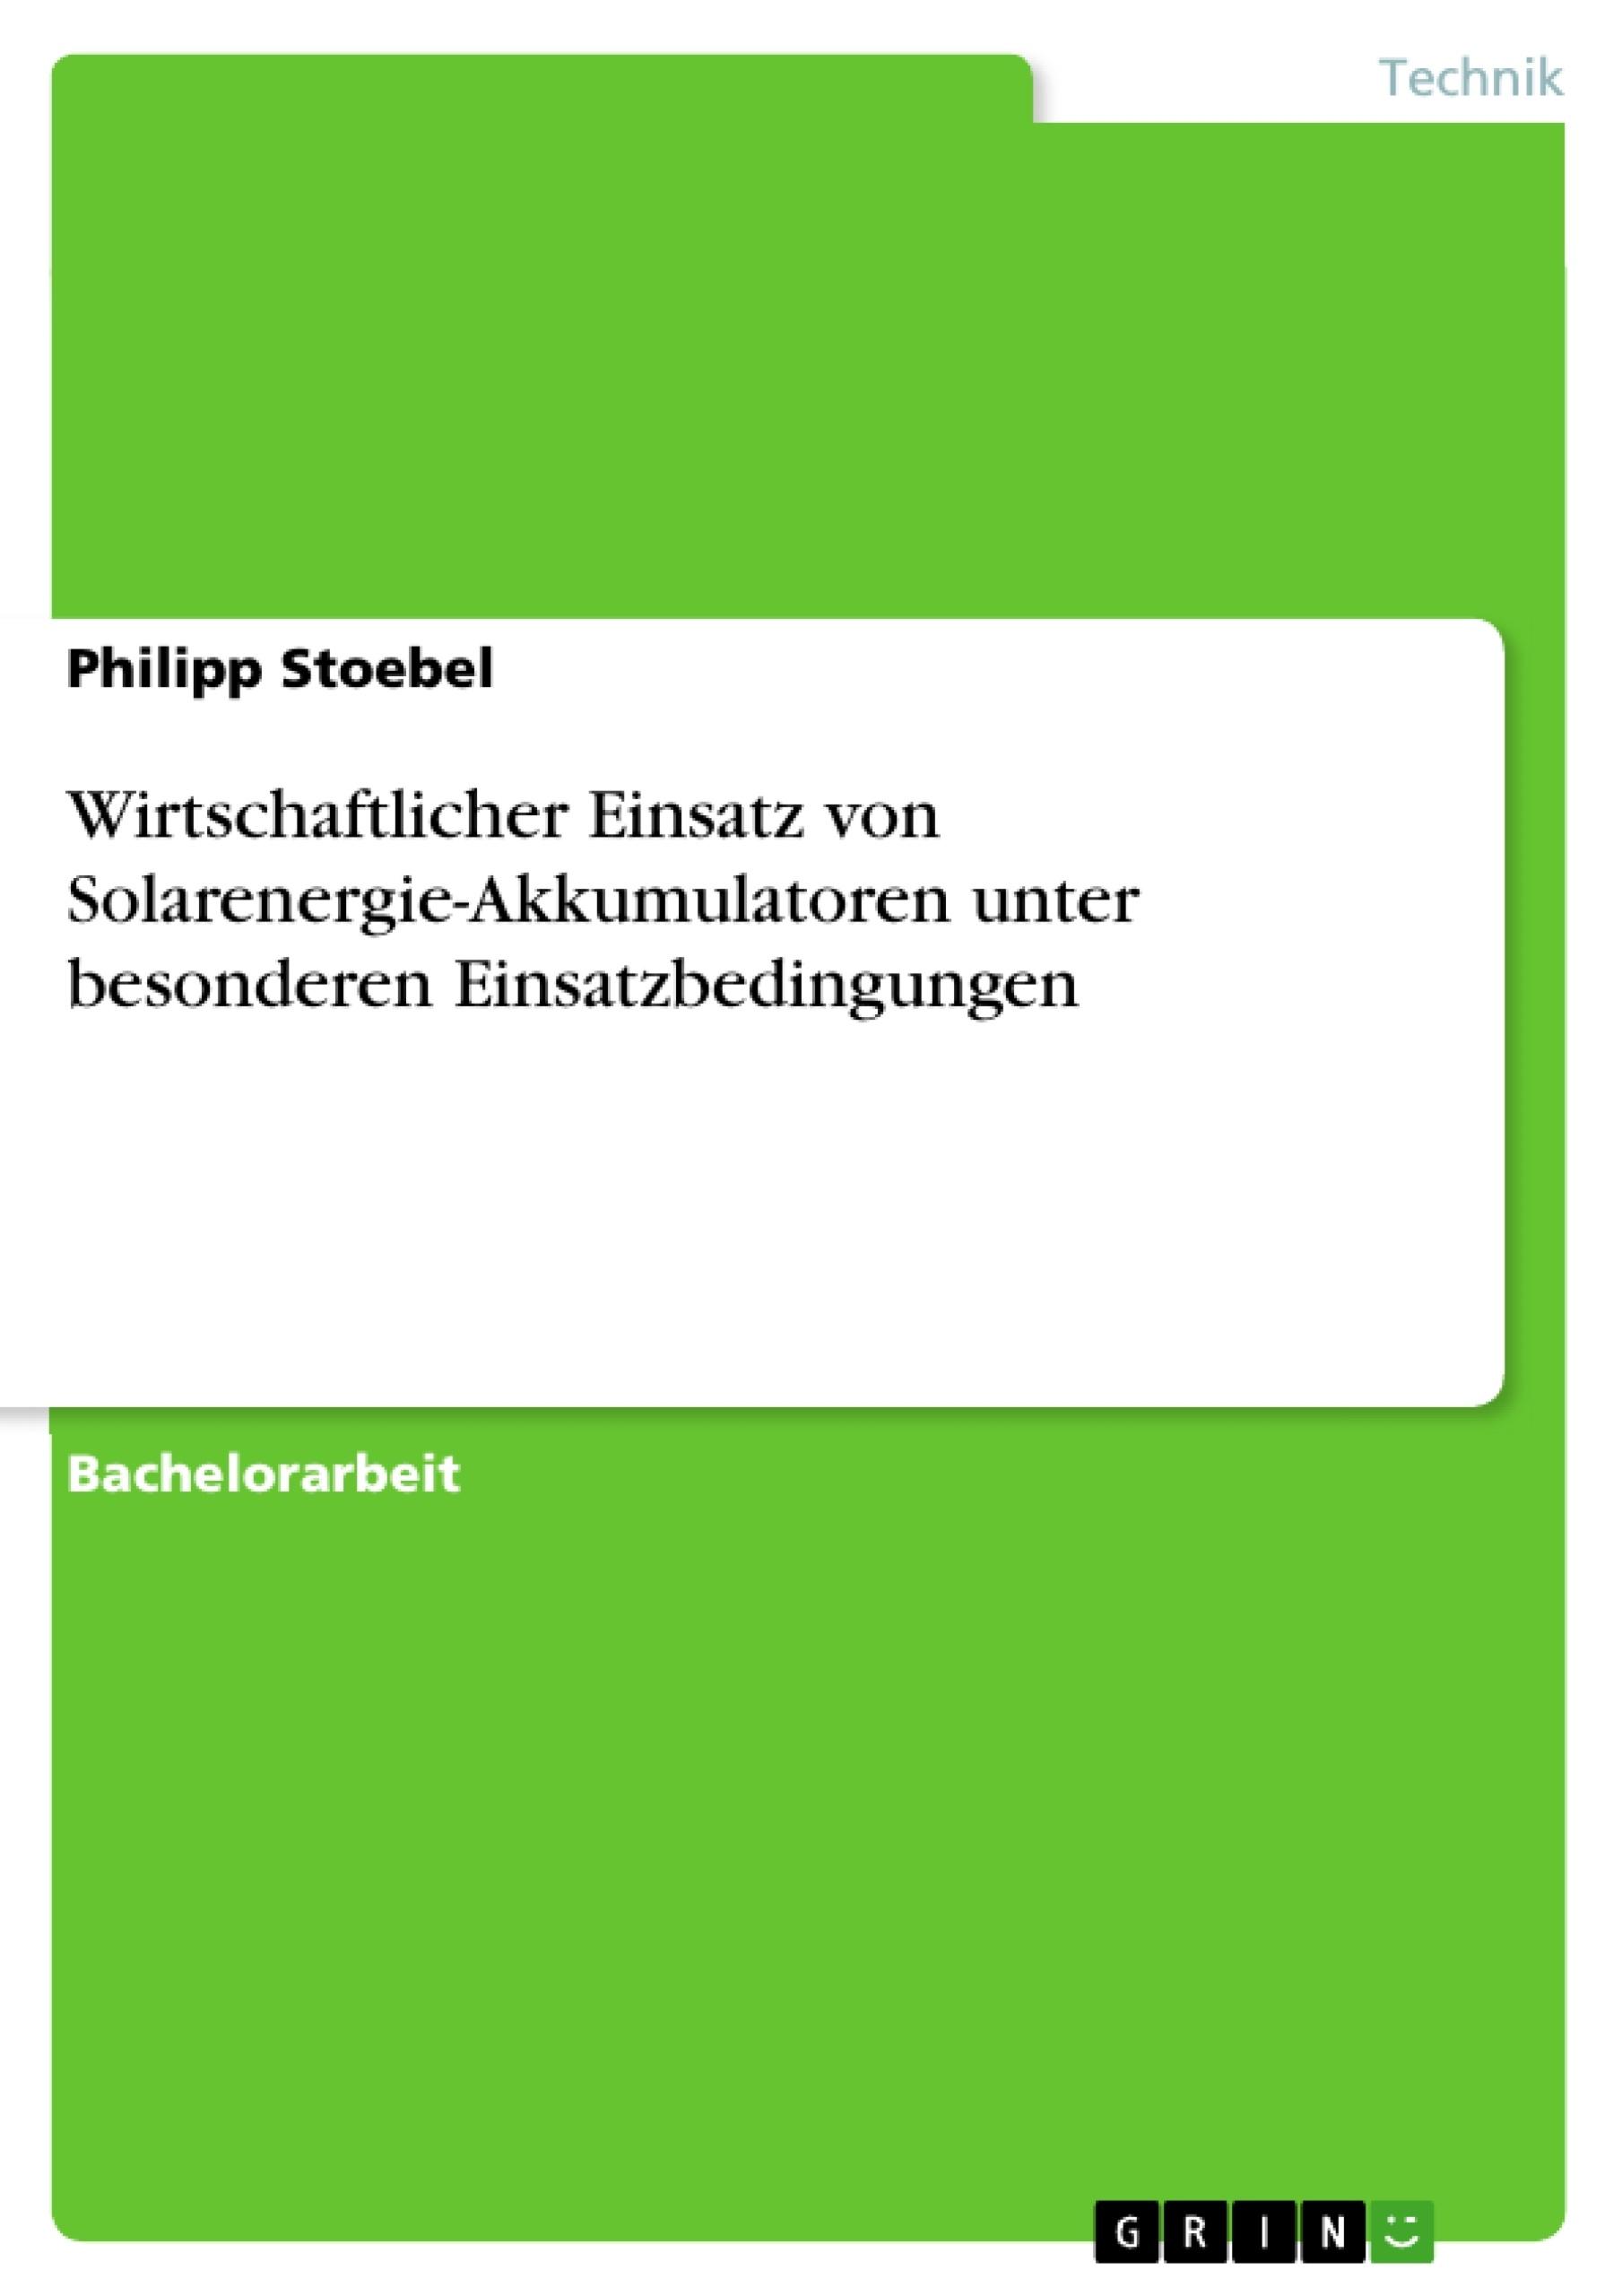 Titel: Wirtschaftlicher Einsatz von Solarenergie-Akkumulatoren unter besonderen Einsatzbedingungen